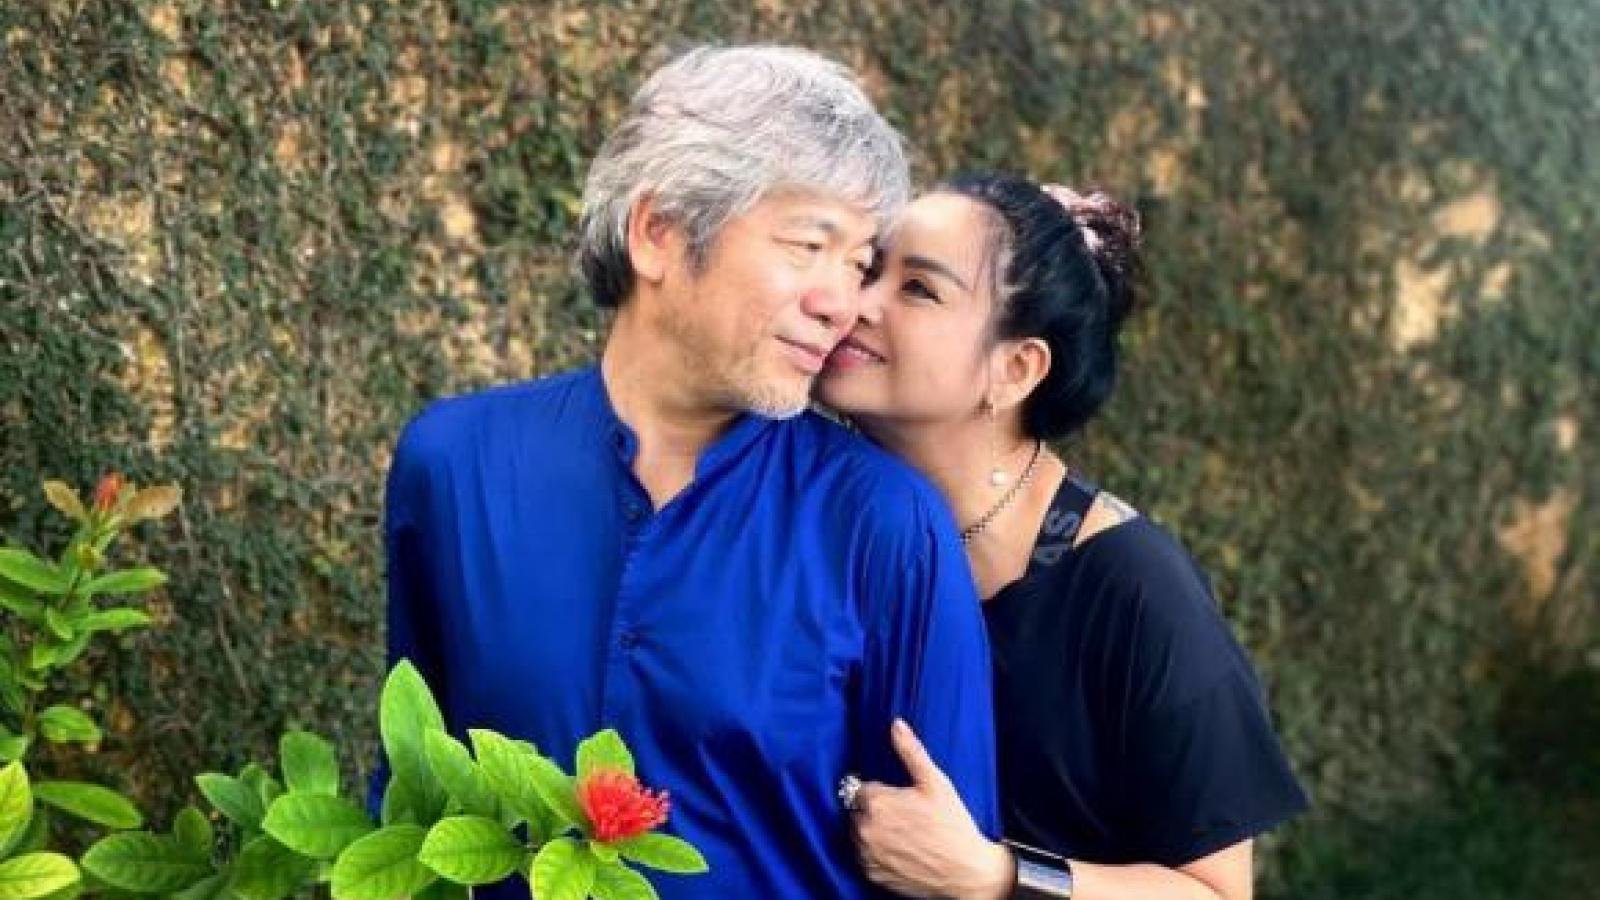 Chuyện showbiz: Thanh Lam trẻ trung như thiếu nữ, tình tứ bên bạn trai bác sĩ